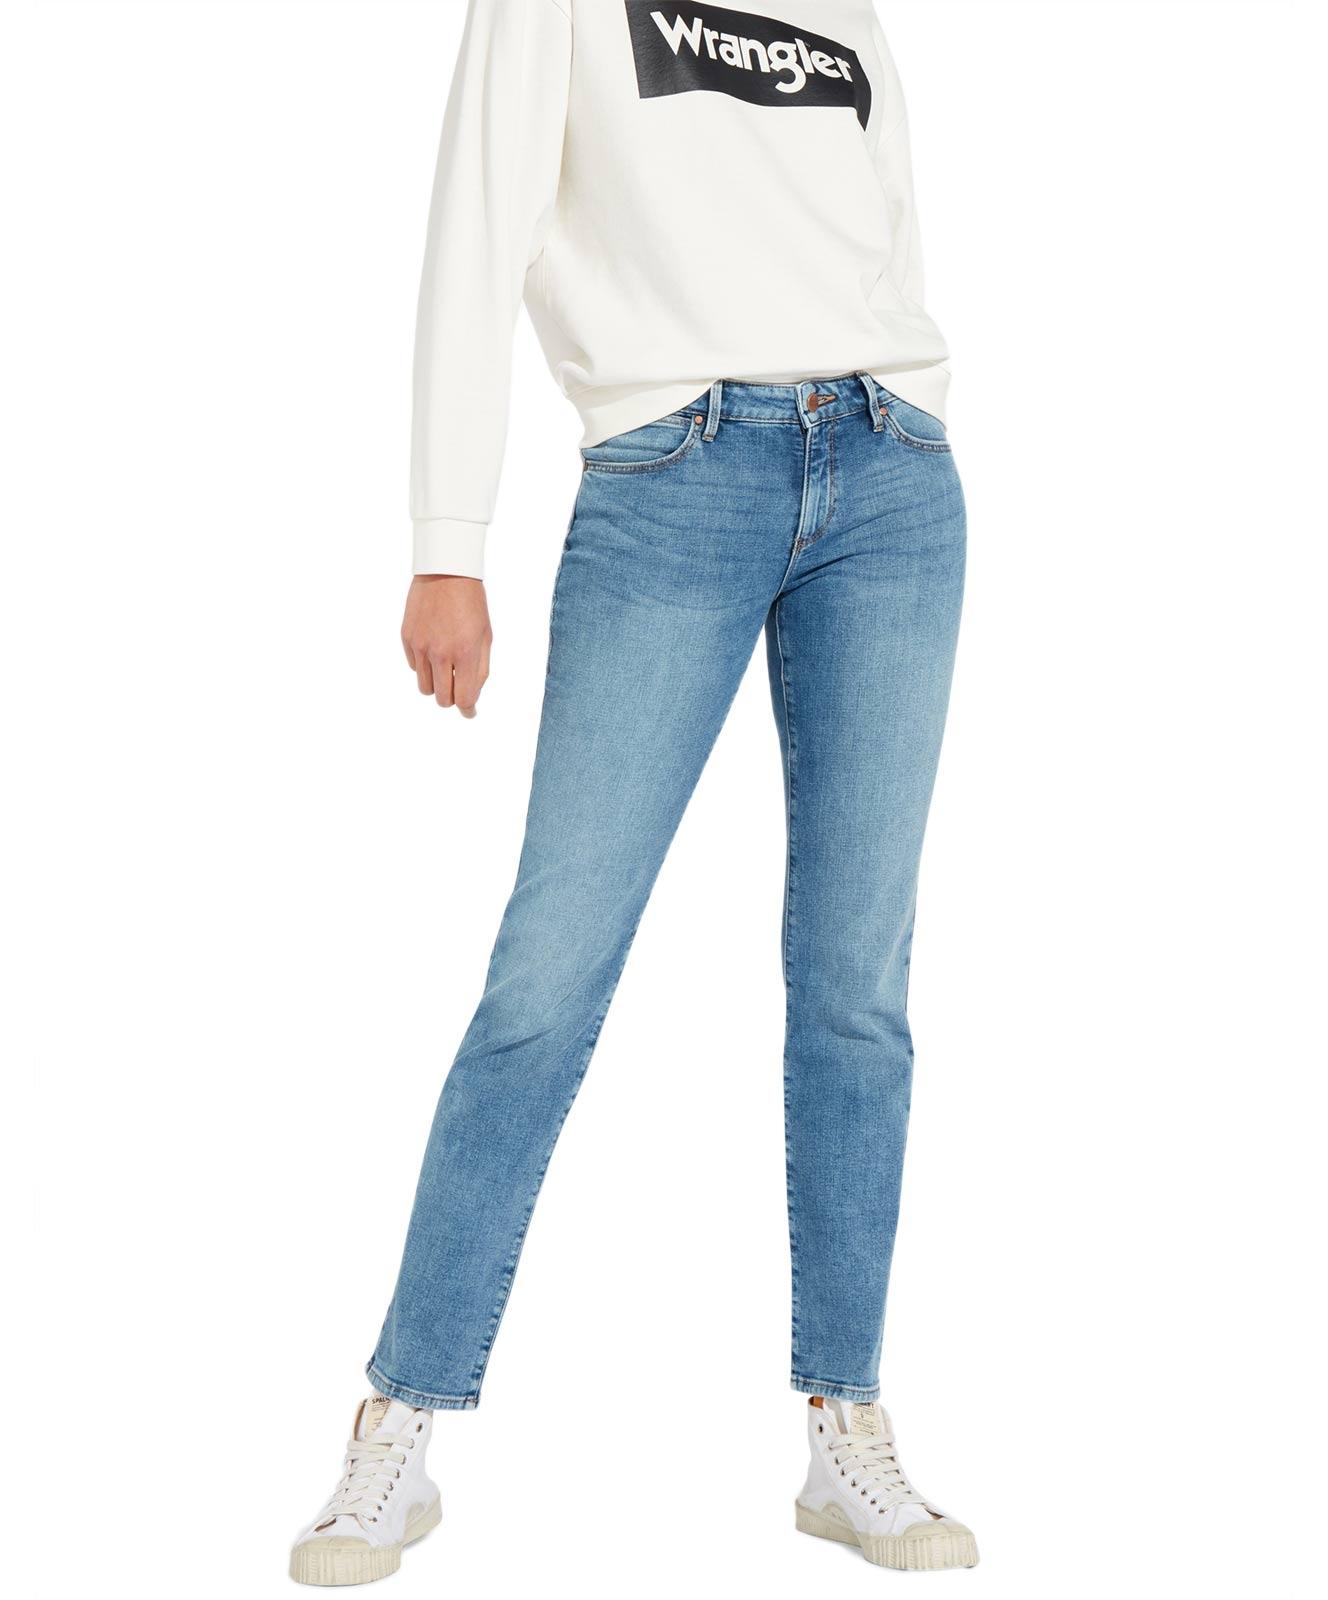 Hosen für Frauen - Wrangler Damen Jeans Straight in Wasserblau  - Onlineshop Jeans Meile